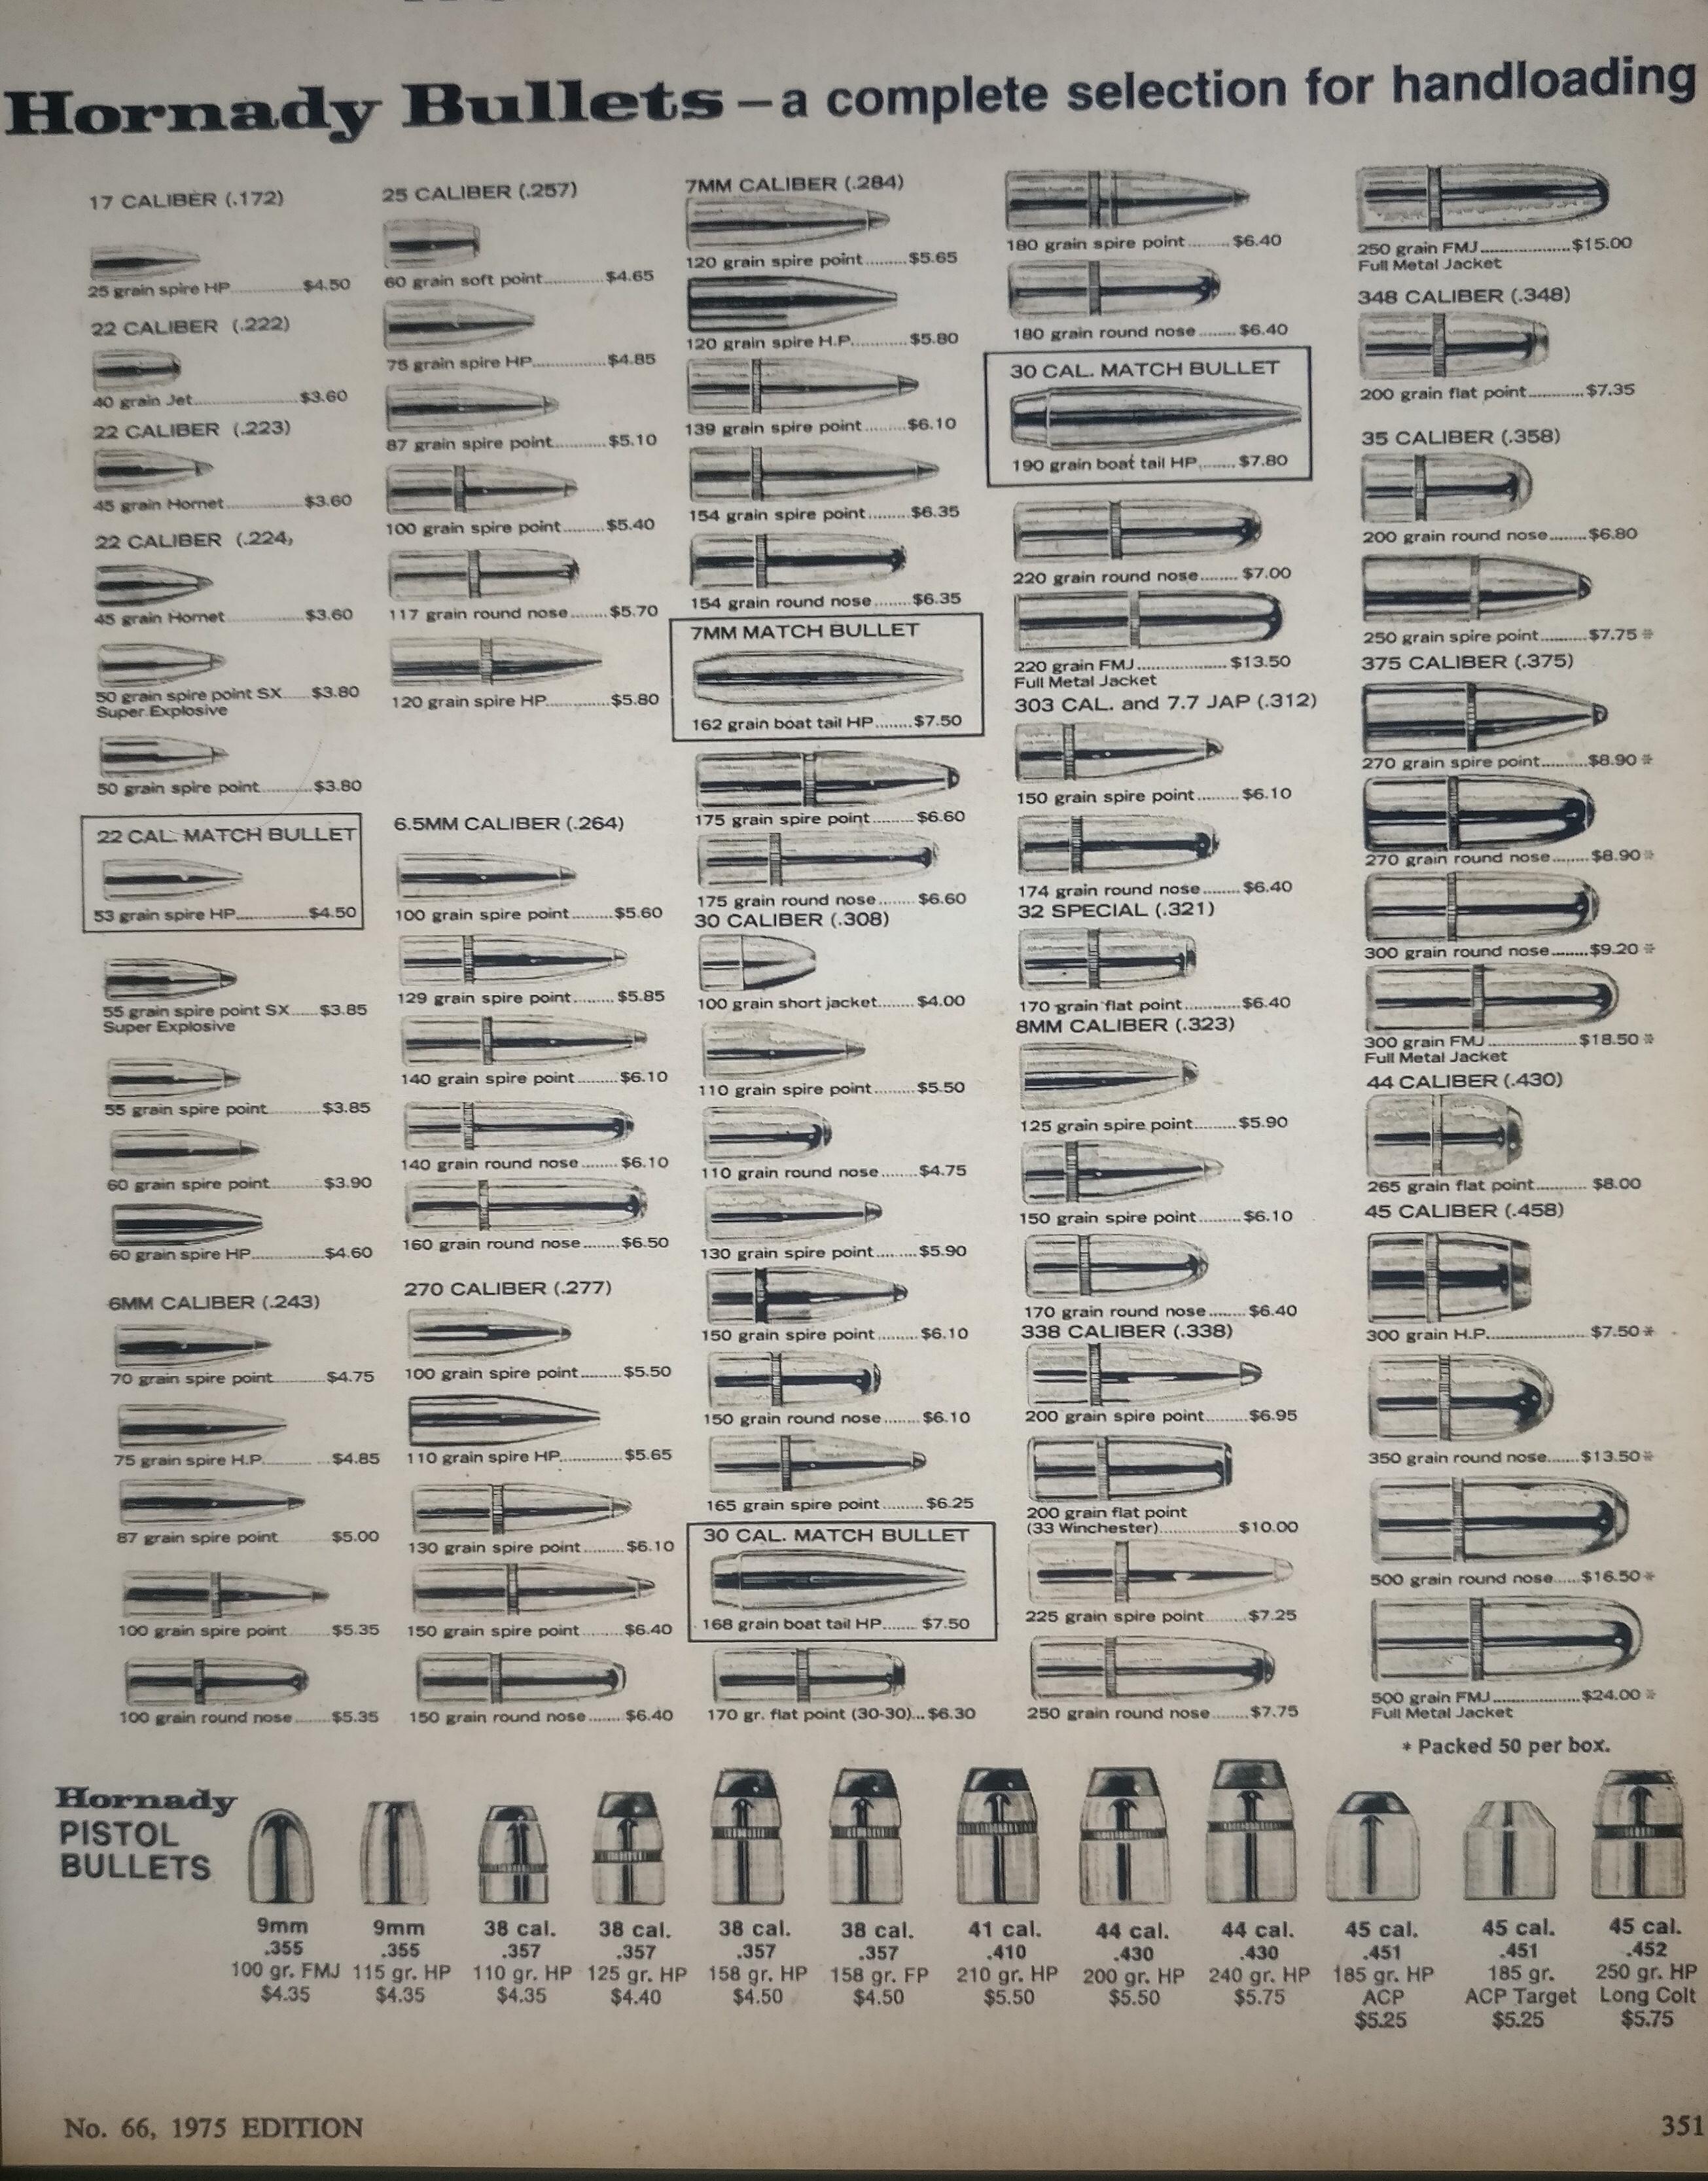 619B6F72-73C3-4AB5-8F85-0B450B03B5F2.jpeg